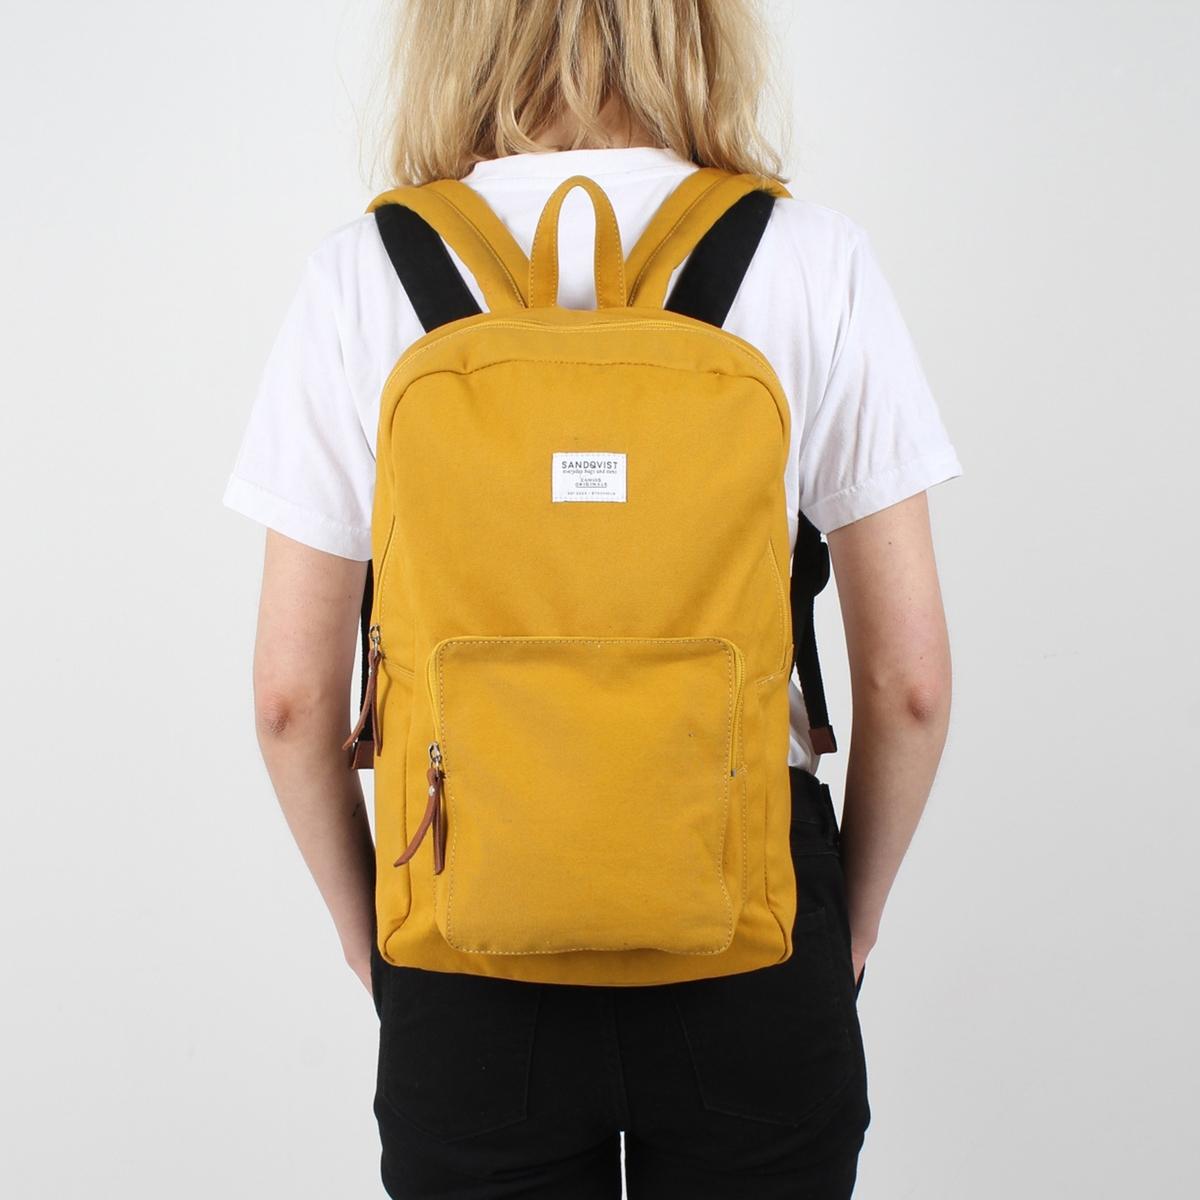 Рюкзак La Redoute KIM л специально для ноутбука дюймов единый размер желтый